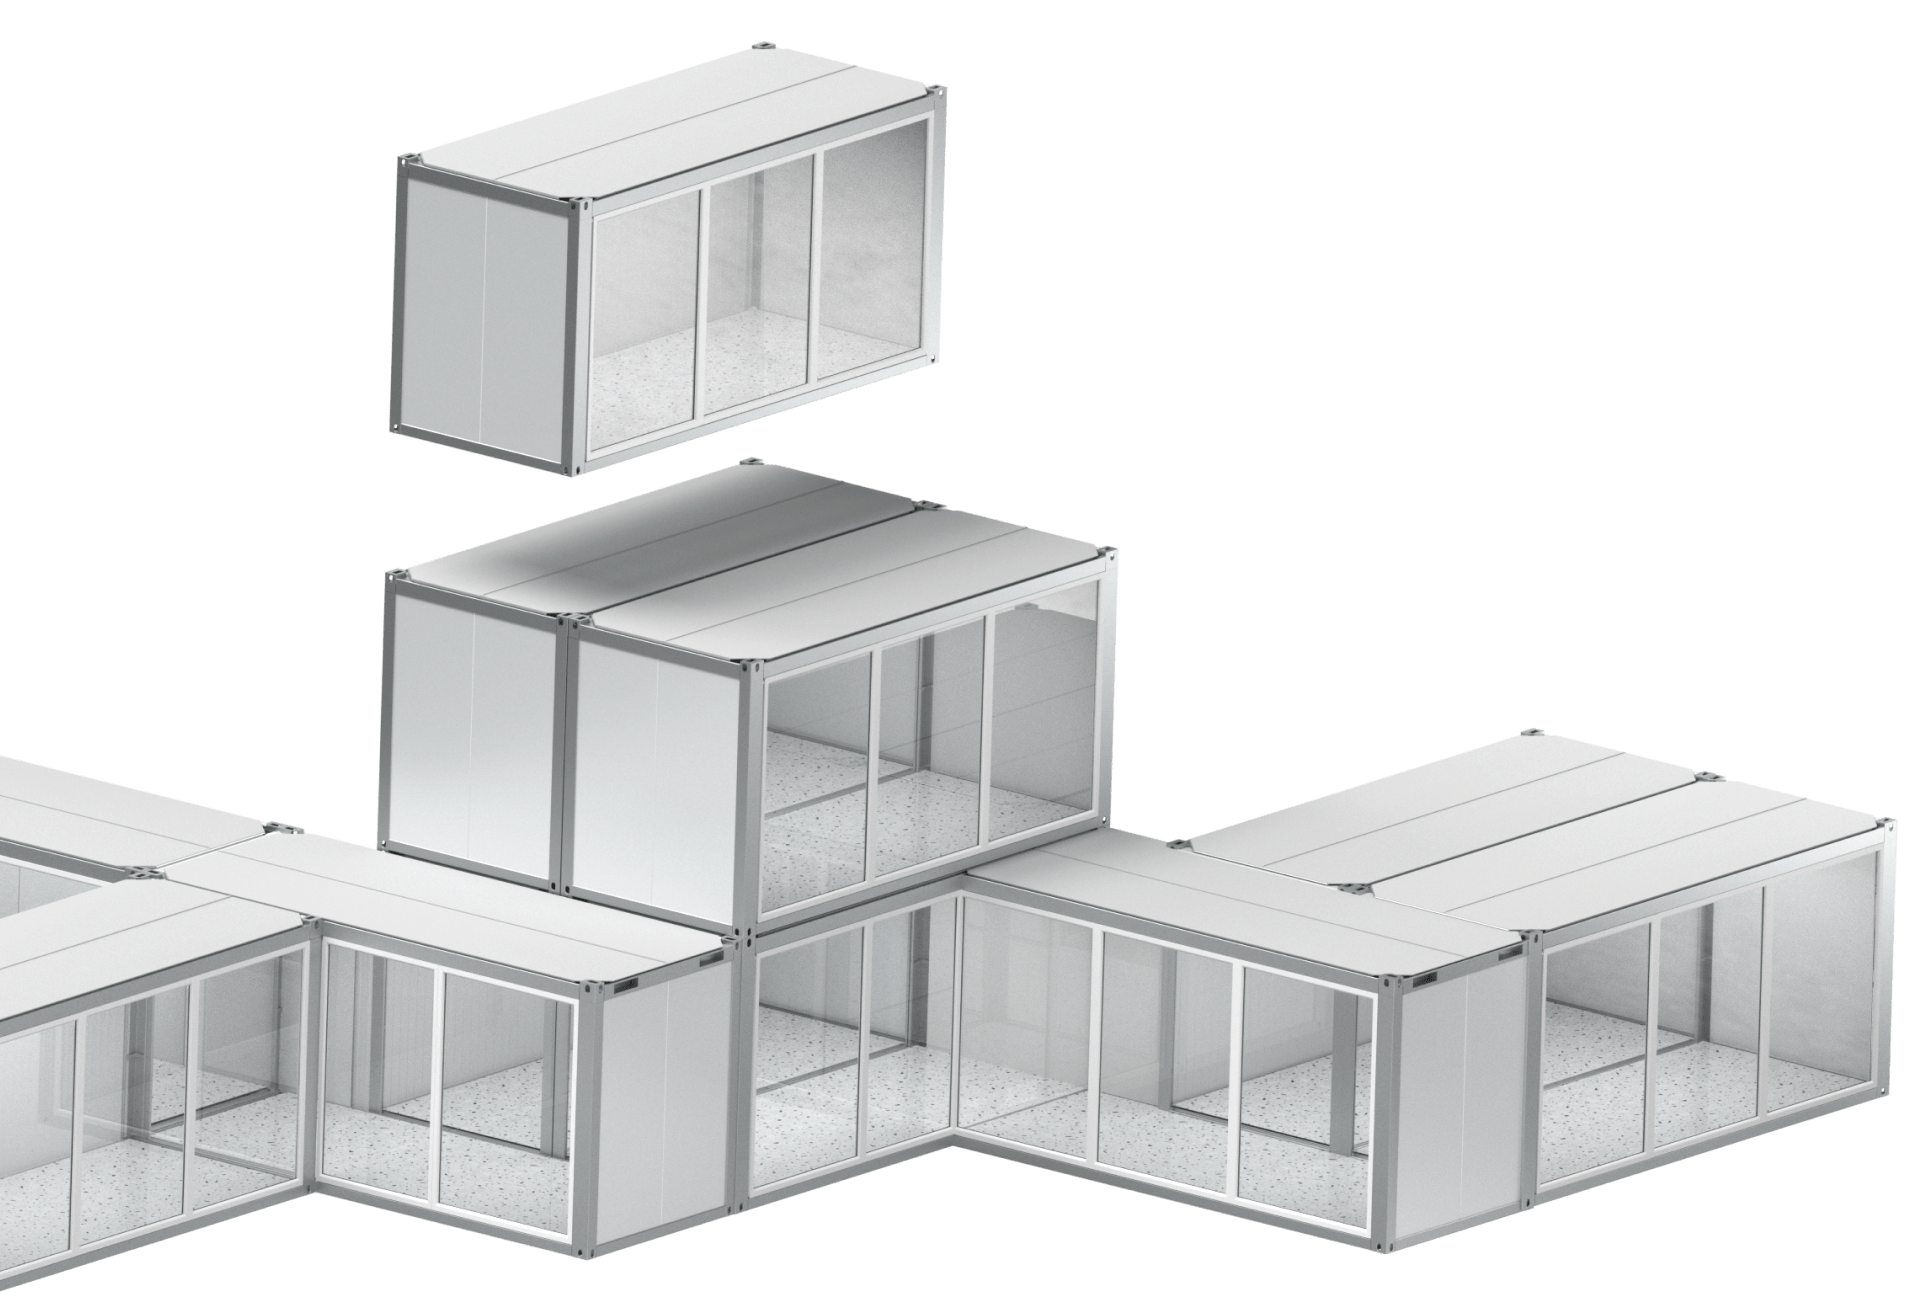 Artikel über Container, Mobilheime und Modulgebäude